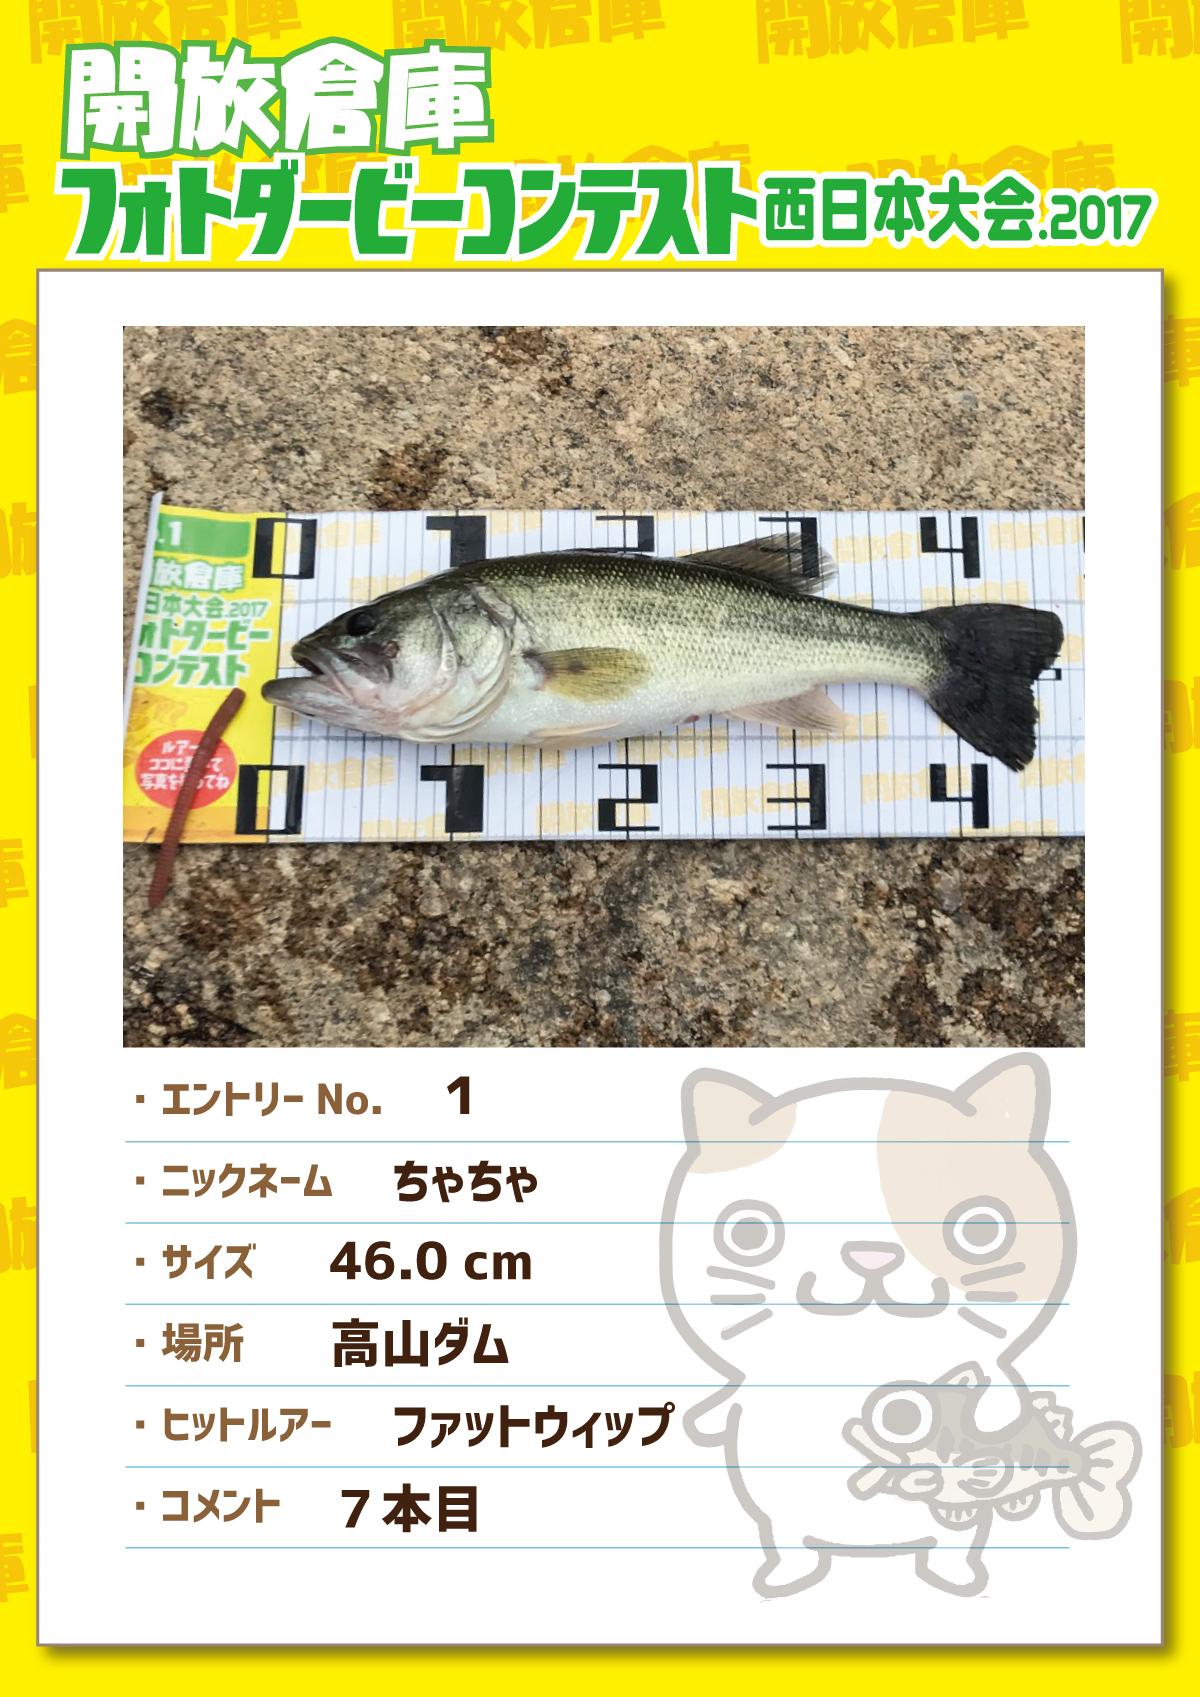 No.1 ちゃちゃ 46.0cm 高山ダム ファットウィップ 7本目